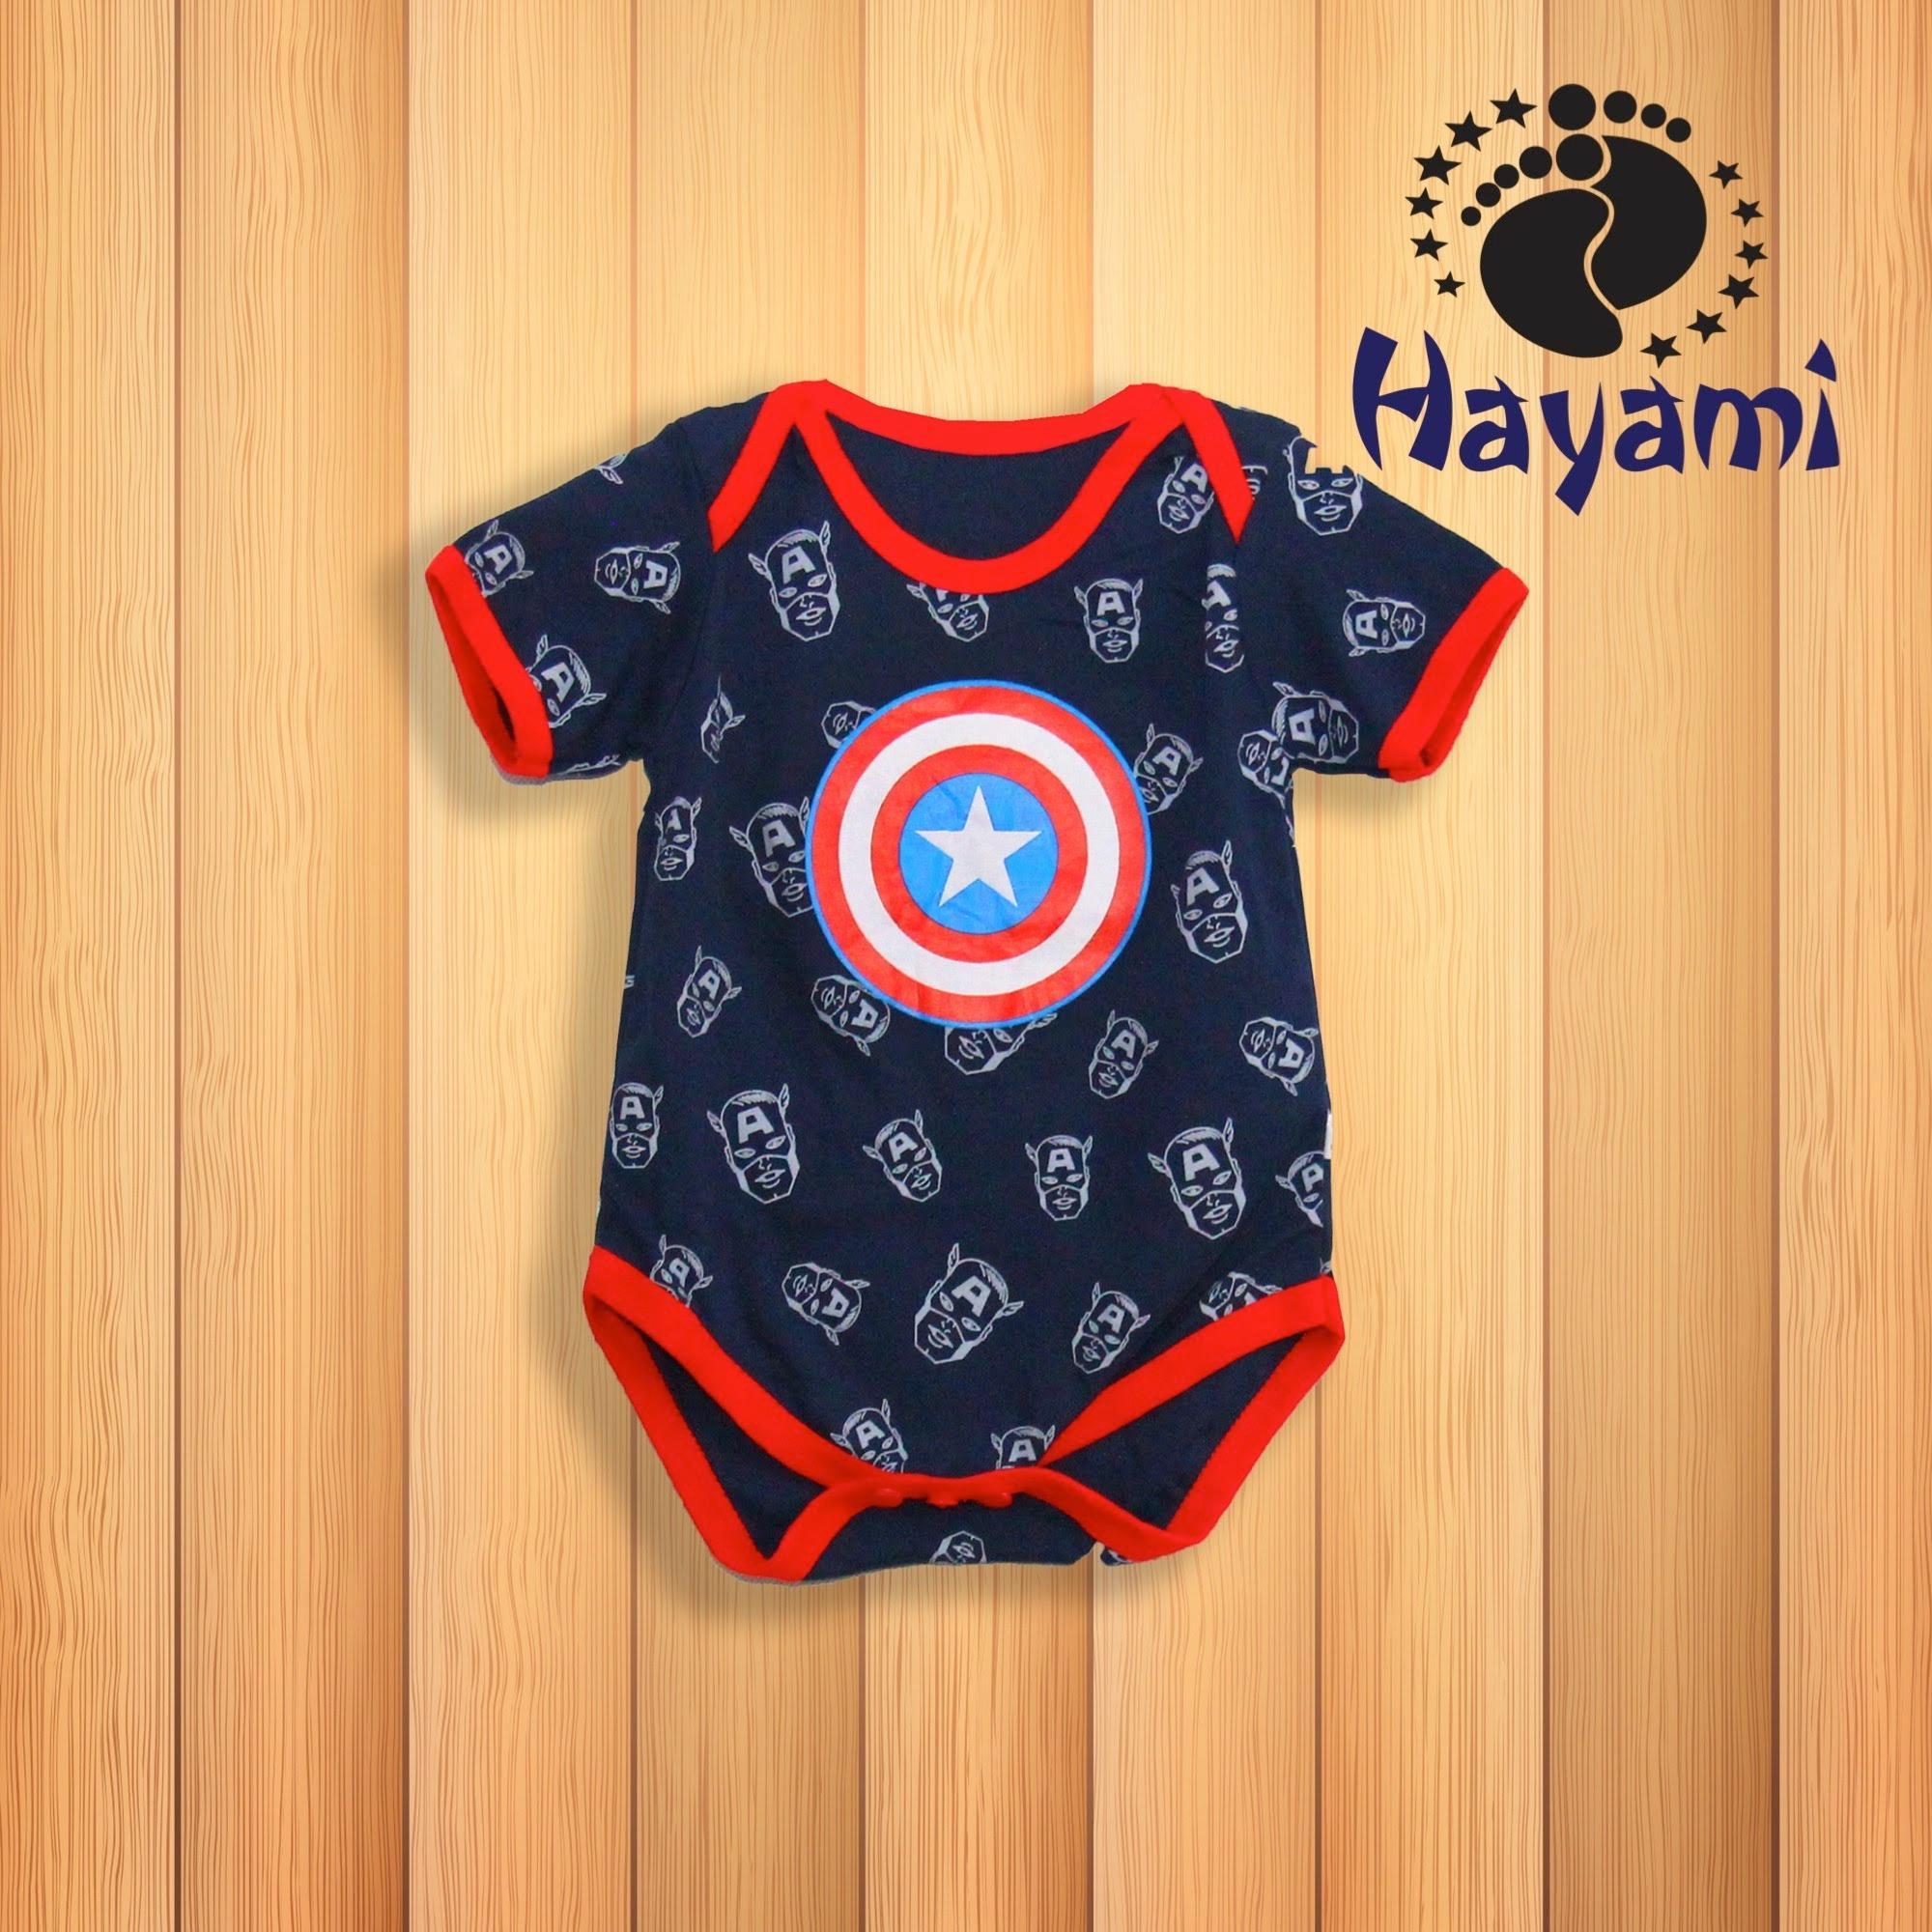 Fitur Baju Kaos 3d Captain America Kapten Amerika Gym Fitness Katalig Baji Kaptem Hayami Jumper Bayi